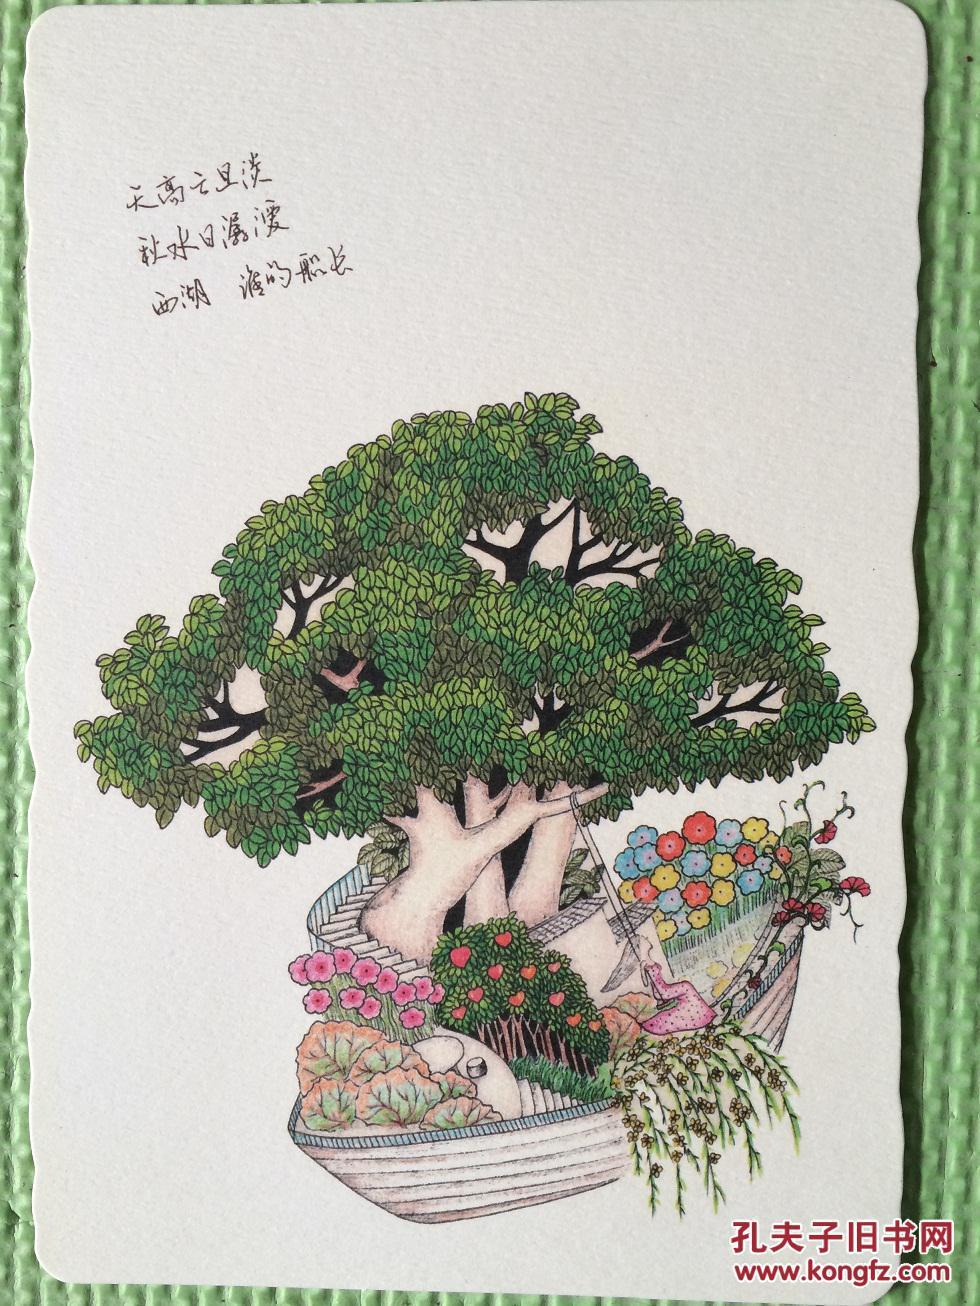 文艺手绘明信片